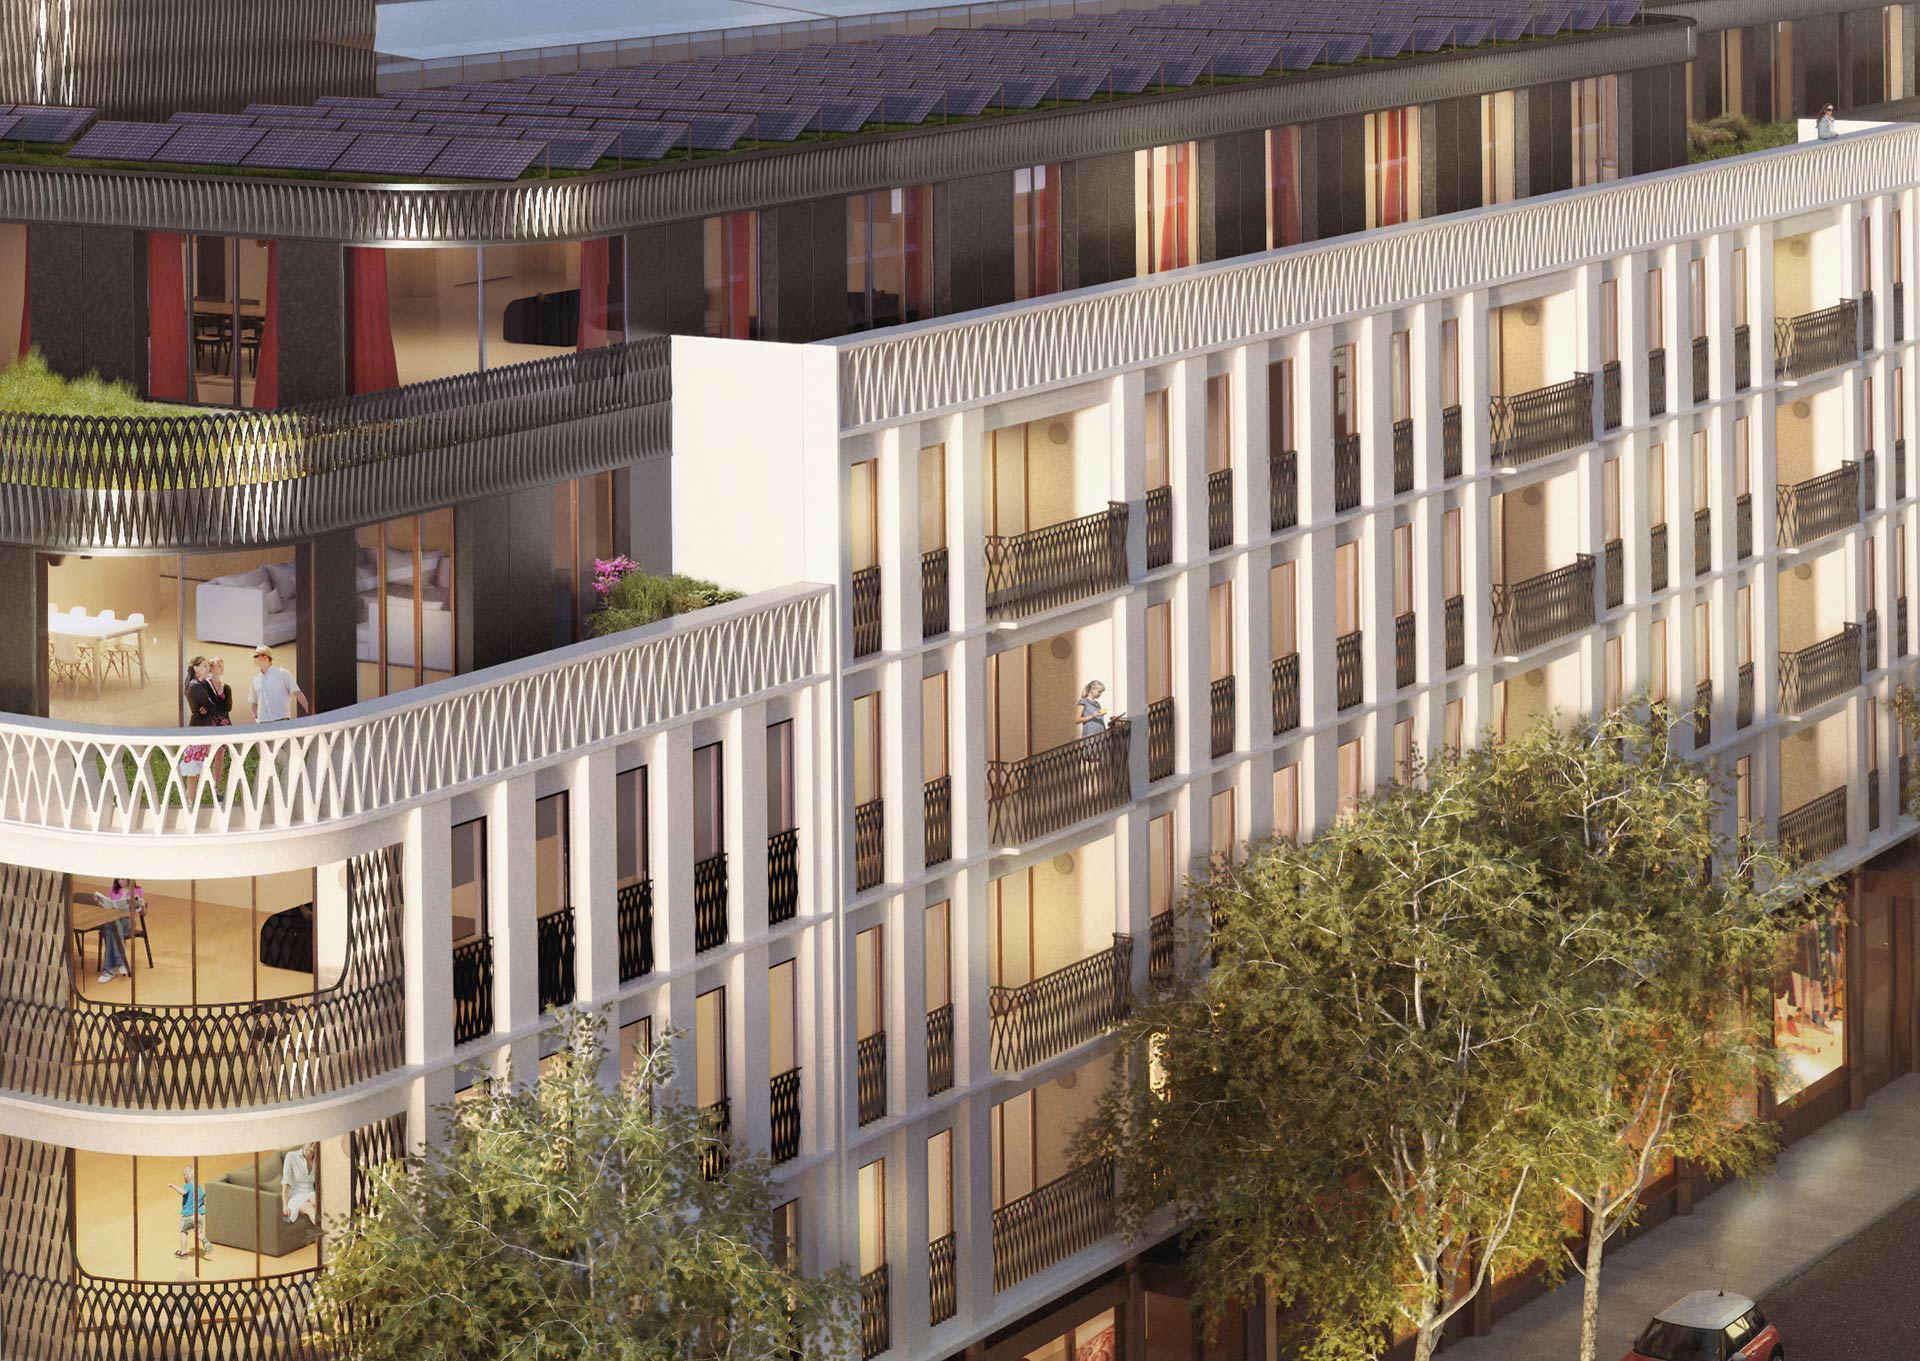 Wizualizacja 3D inwestycji deweloperskiej w Londynie na Moxon Street